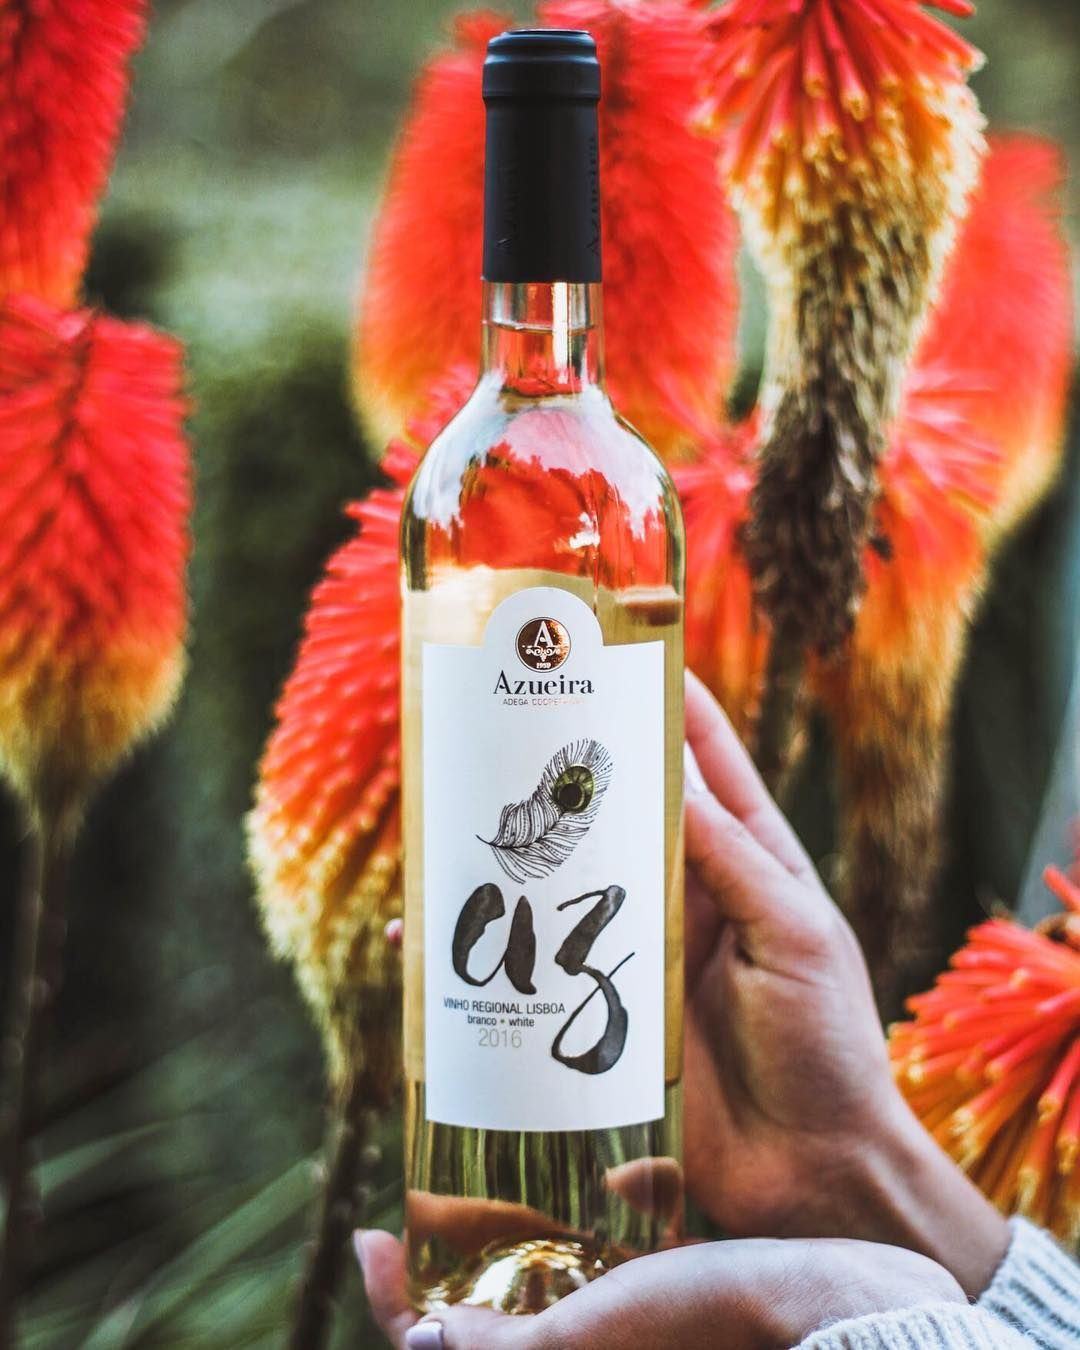 19 Gostos 2 Comentarios Adega De Azueira Adegadeazueira No Instagram O Nosso Az Branco E Um Vinho Delicioso E Refres Wine Bottle Wines Rose Wine Bottle